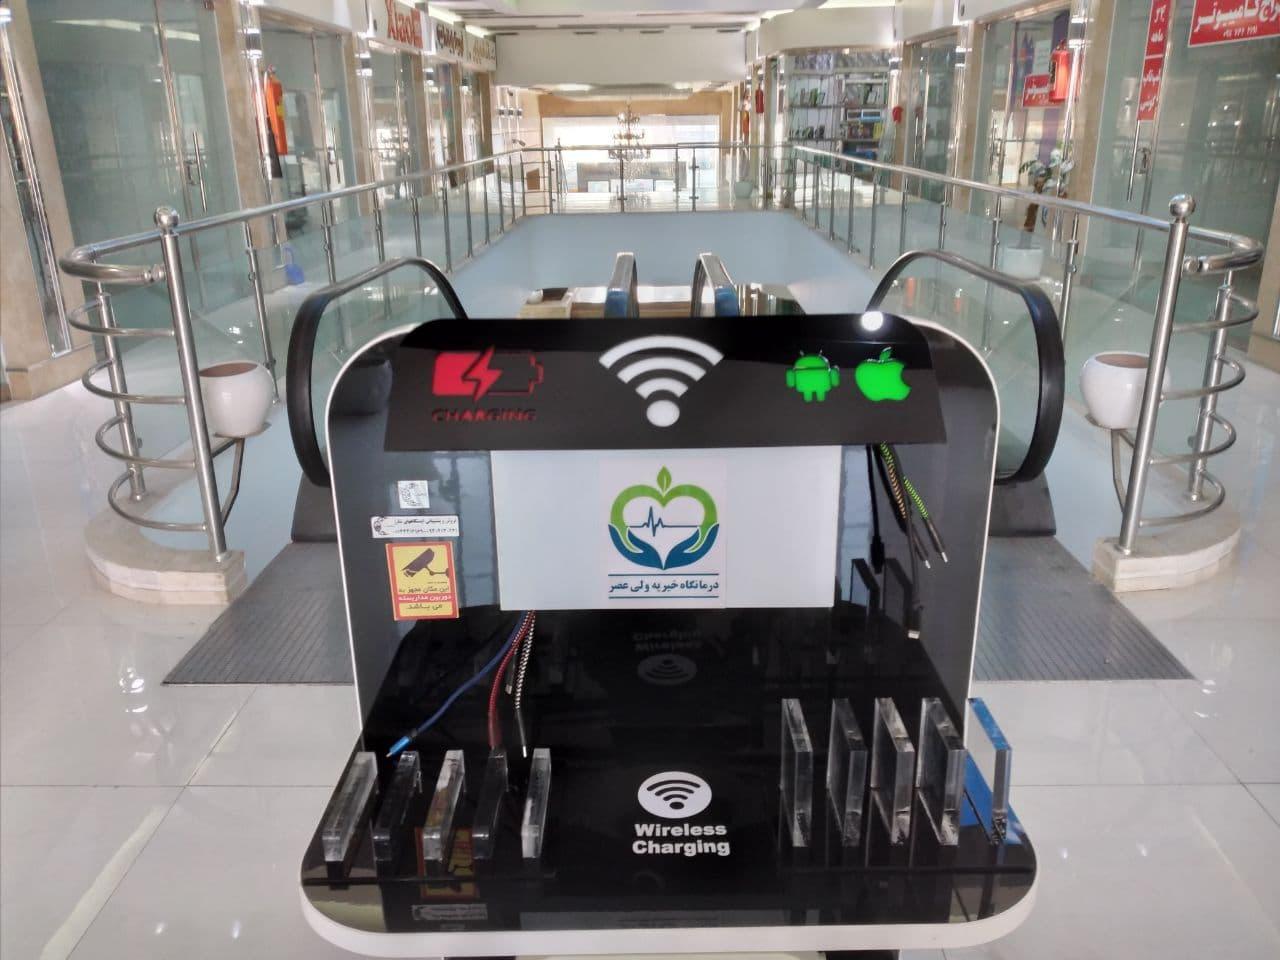 شارژر عمومی – تابلو اعلانات – تابلو اطلاعات هوشمند – شارژر چندتایی – تابلو اطلاع رسانی – شارژرها - شارژر فرودگاهی – شارژر ترمینال – شارژر بیمارستانی –  – شارژر باکسی – کیوسک شارژ موبایل – استند شارژ ترمینالی – استند شارژ بیمارستانی- استند شارژ هتلی – استند شارژ رستوران – ایستگاه شارژ هتل – ایستگاه شارژ بیمارستان – ایستگاه شارژ ترمینال – ایستگاه شارژ رستوران – کیوسک شارژ هتل – کیوسک شارژ بیمارستان – کیوسک شارژ ترمینال – کیوسک شارژ رستوران